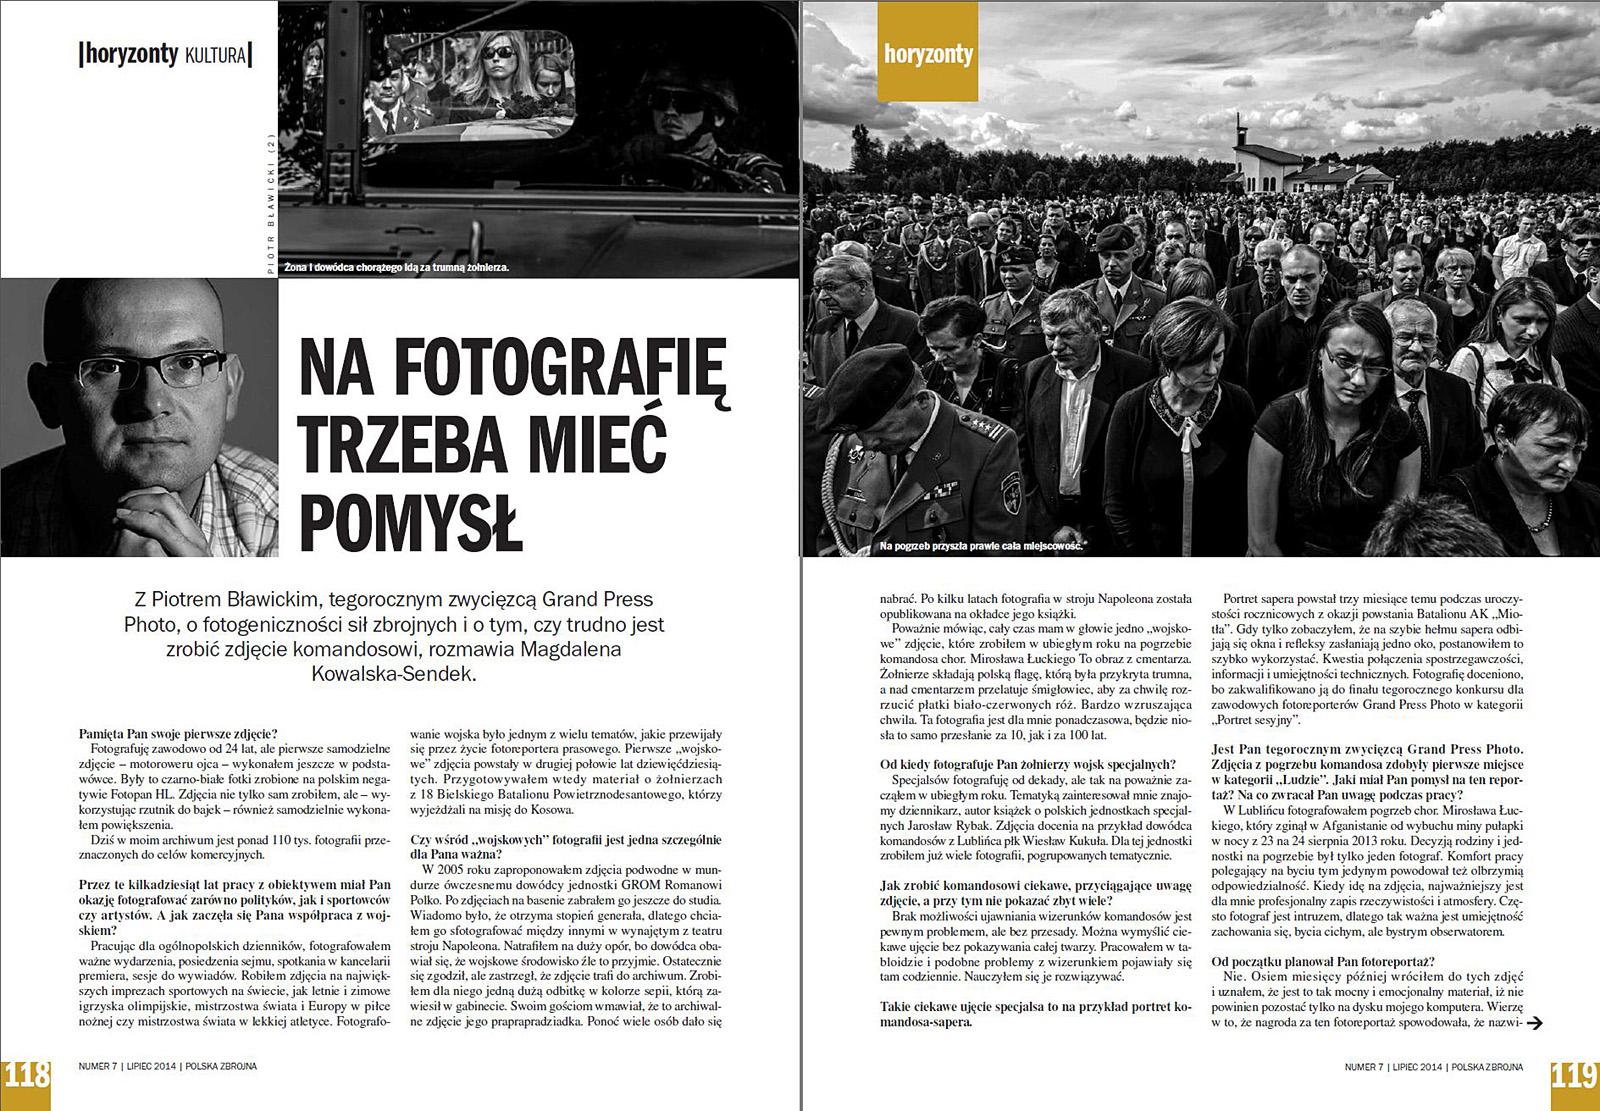 miesięcznik POLSKA ZBROJNA nr 7/2014 r., s. 118-119 - fotoreportaż z pogrzebu komandosa JWK